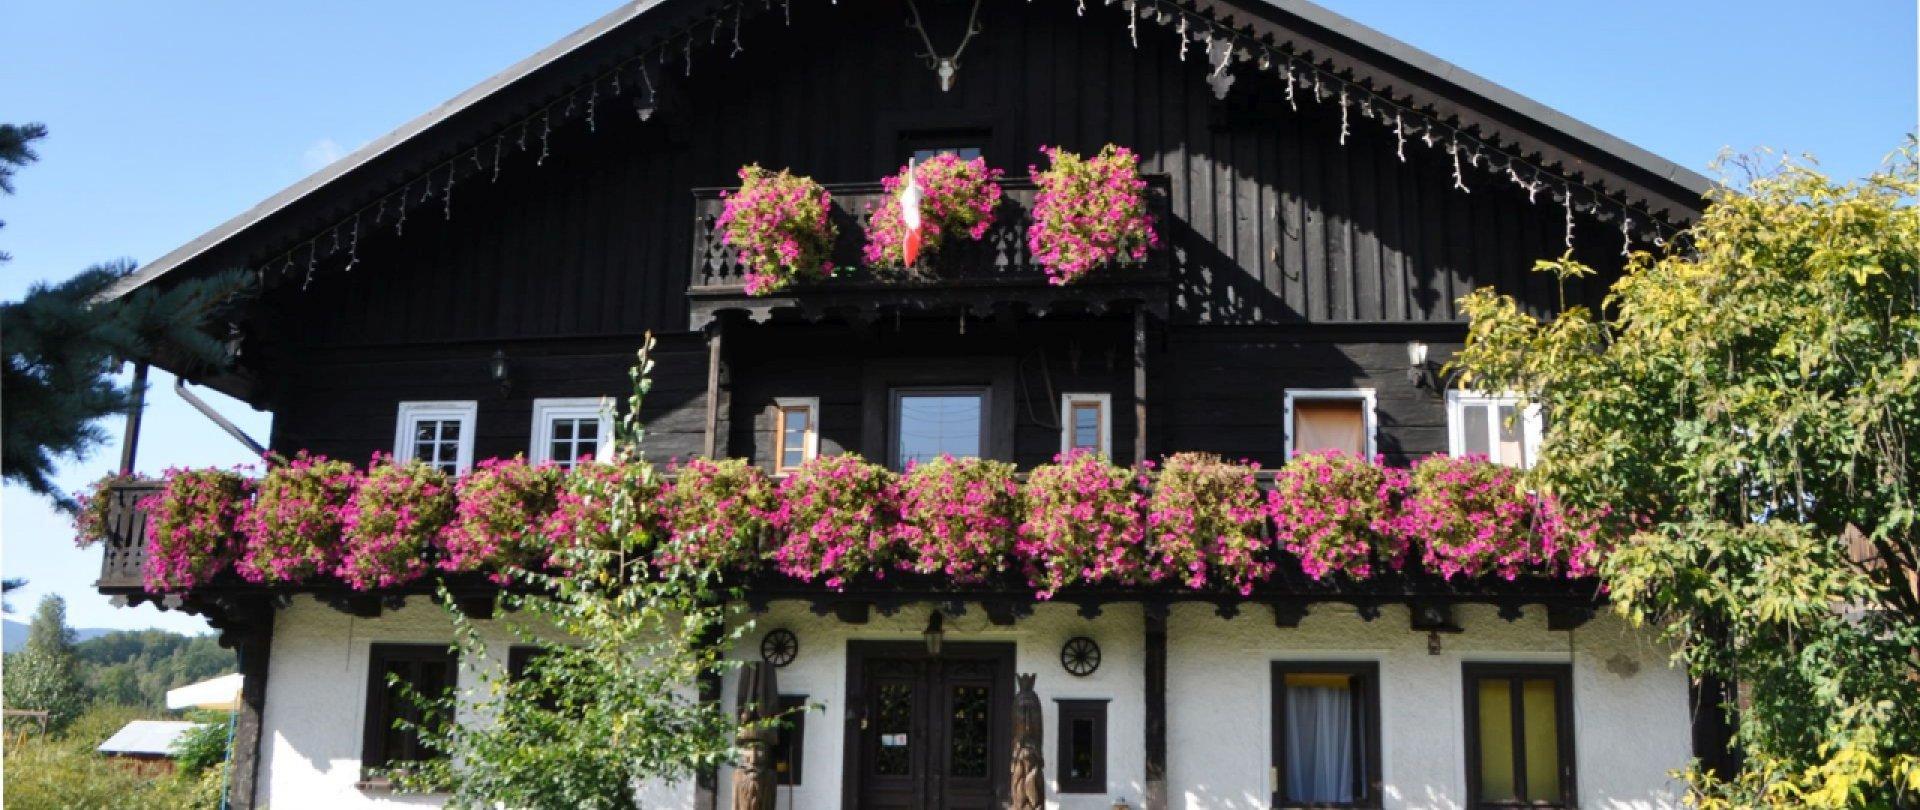 Tiroler Häuser und das Tiroler Museum